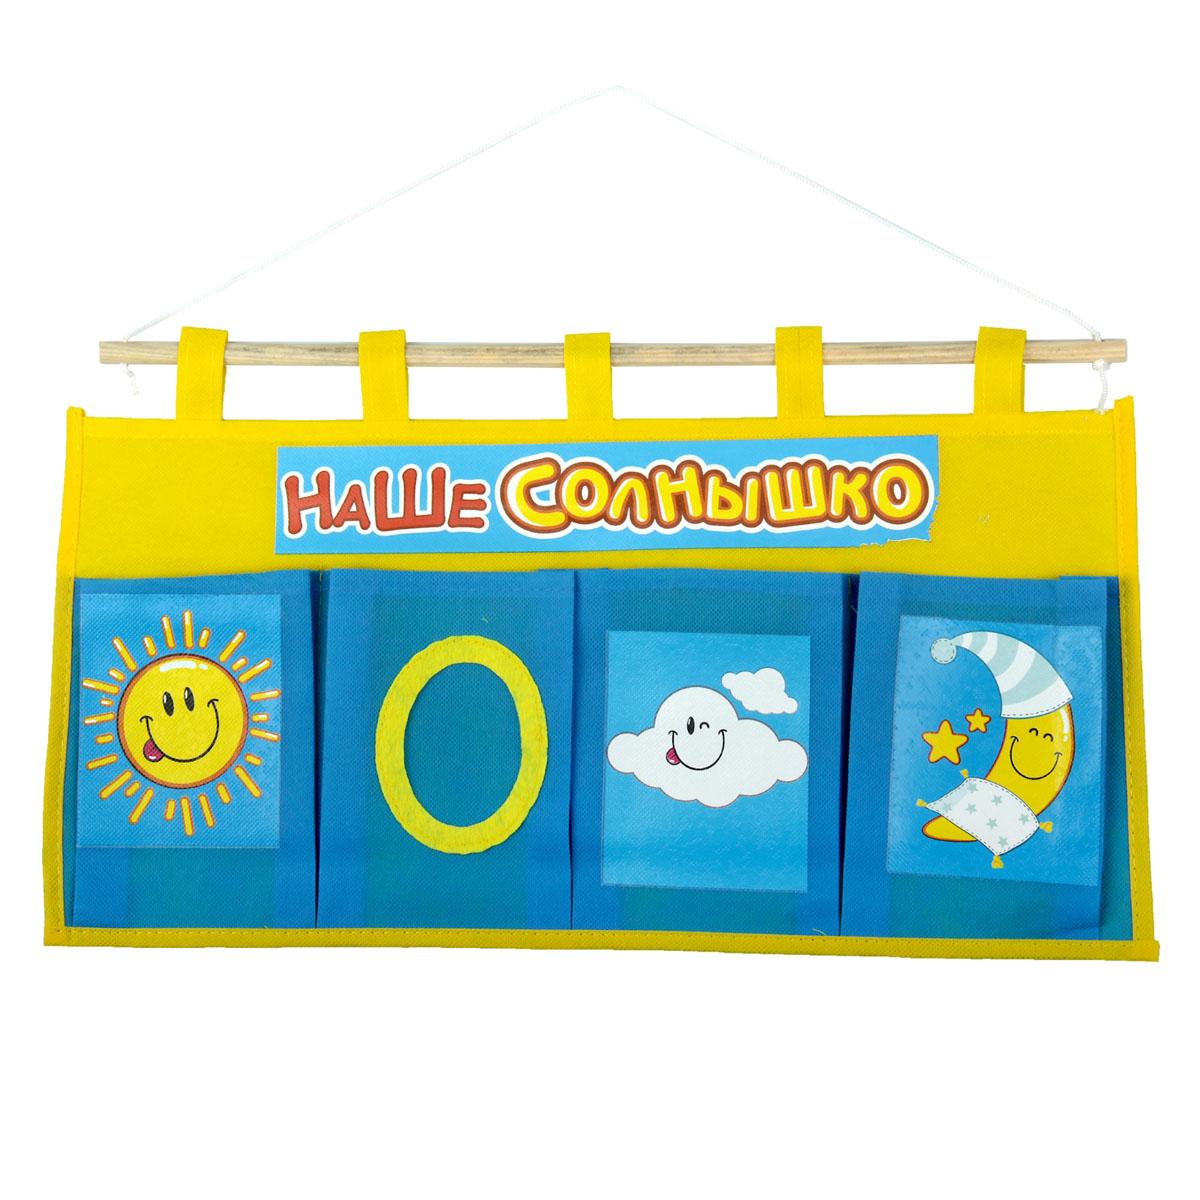 Кармашки на стену Sima-land Наше солнышко, цвет: голубой, желтый, белый, 4 штRG-D31SКармашки на стену Sima-land «Наше солнышко», изготовленные из текстиля, предназначены для хранения необходимых вещей, множества мелочей в гардеробной, ванной, детской комнатах. Изделие представляет собой текстильное полотно с четырьмя пришитыми кармашками. Благодаря деревянной планке и шнурку, кармашки можно подвесить на стену или дверь в необходимом для вас месте. Кармашки декорированы изображениями солнышка, облачка, месяца и надписью «Наше солнышко».Этот нужный предмет может стать одновременно и декоративным элементом комнаты. Яркий дизайн, как ничто иное, способен оживить интерьер вашего дома.